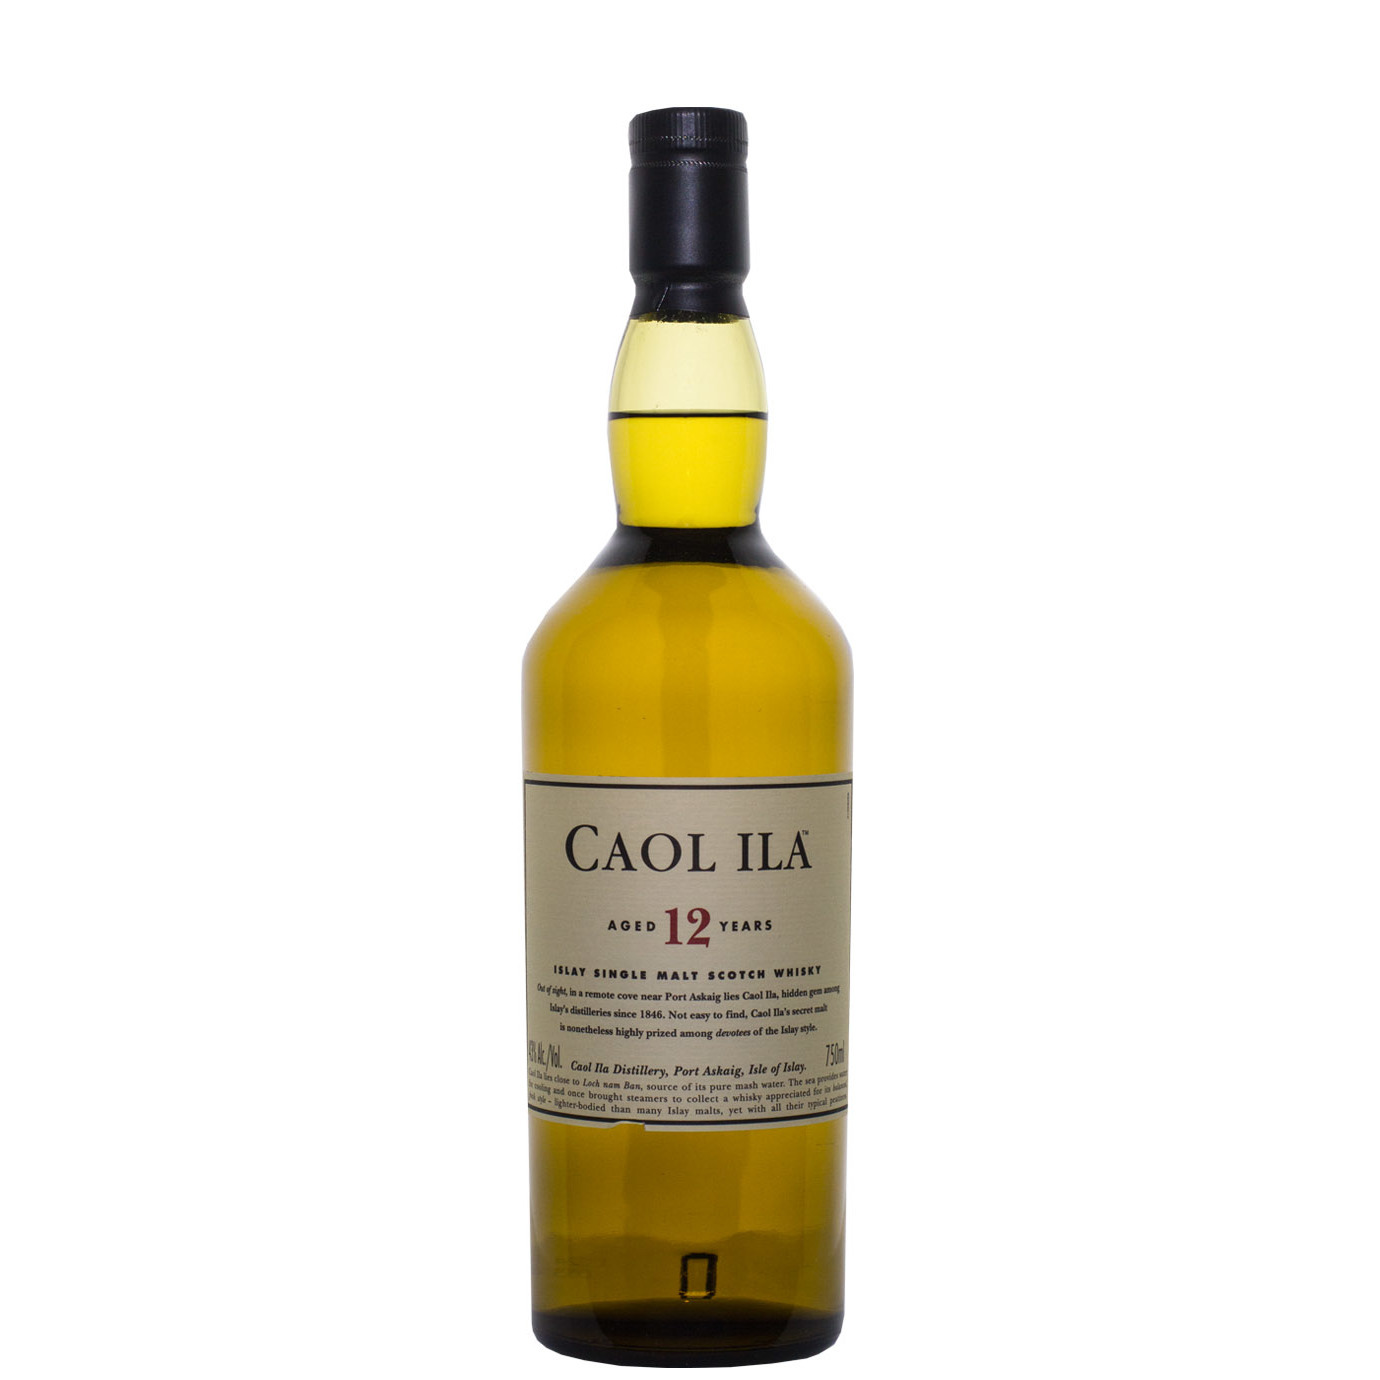 Caol Ila Old Malt Cask Single Malt Scotch Whisky Nv